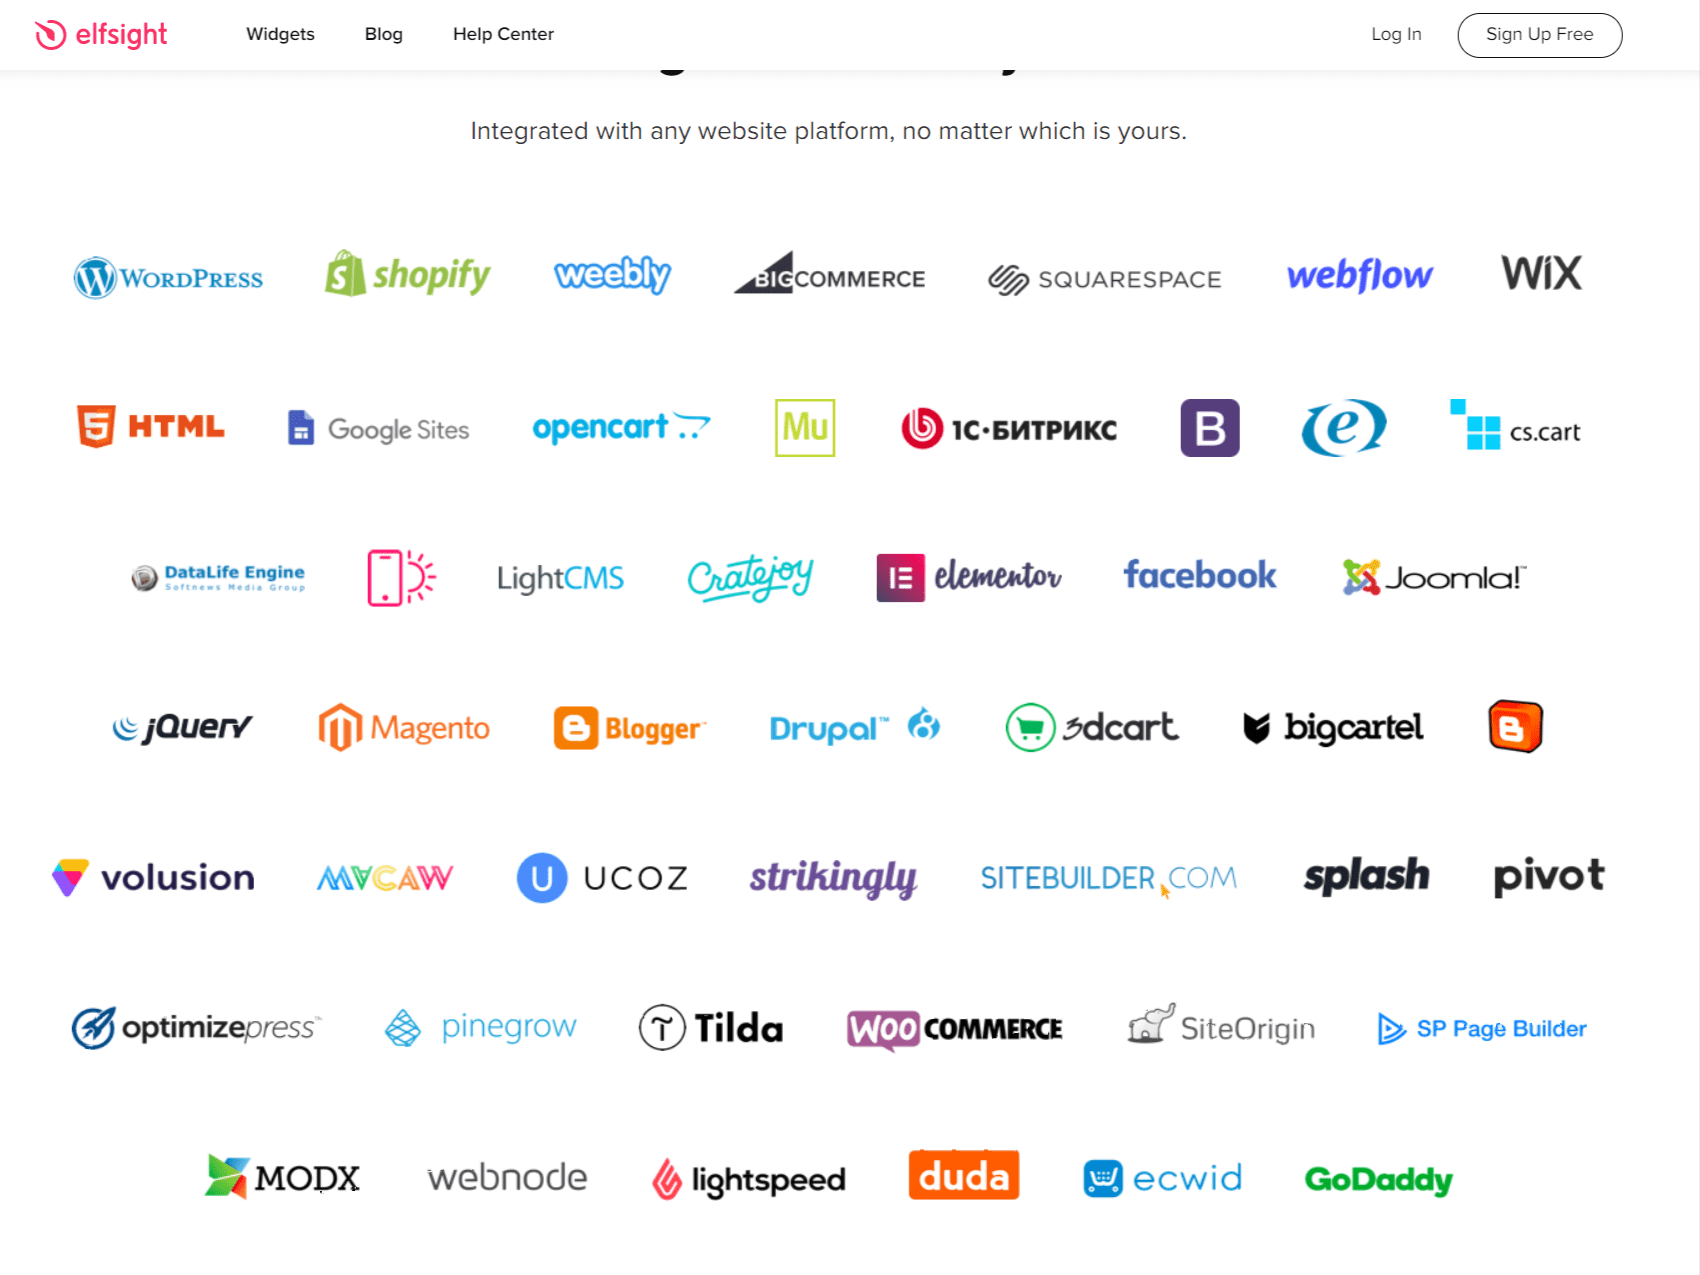 Widgets work on These platforms